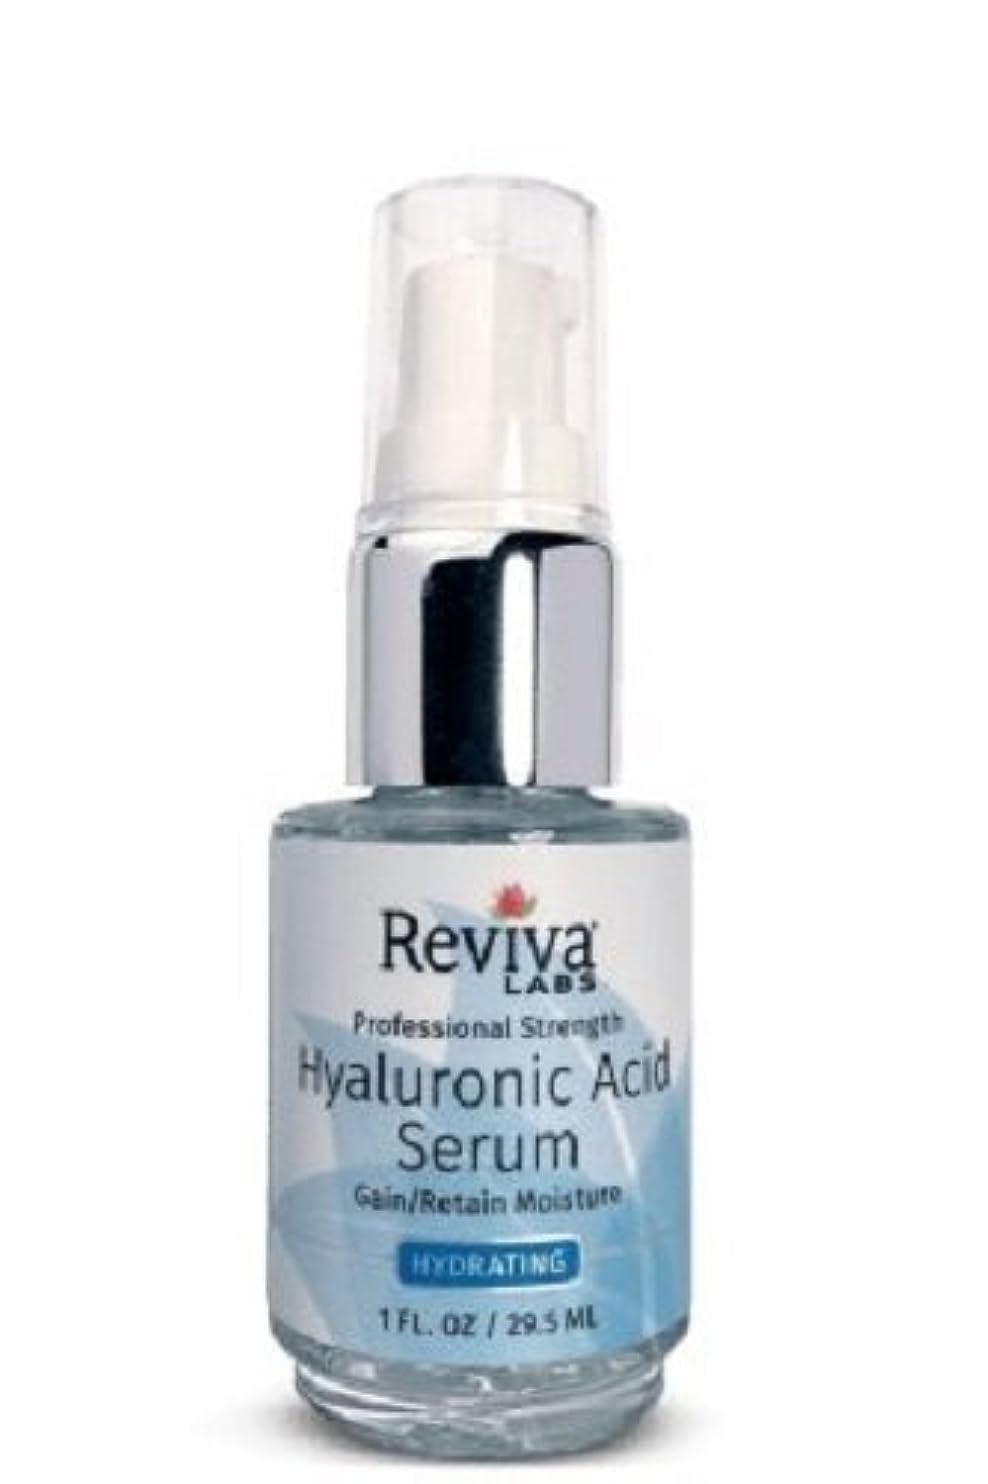 告白するライン知覚するReviva Labs, Professional Strength Hyaluronic Acid Serum, 1 fl oz (29.5 ml)